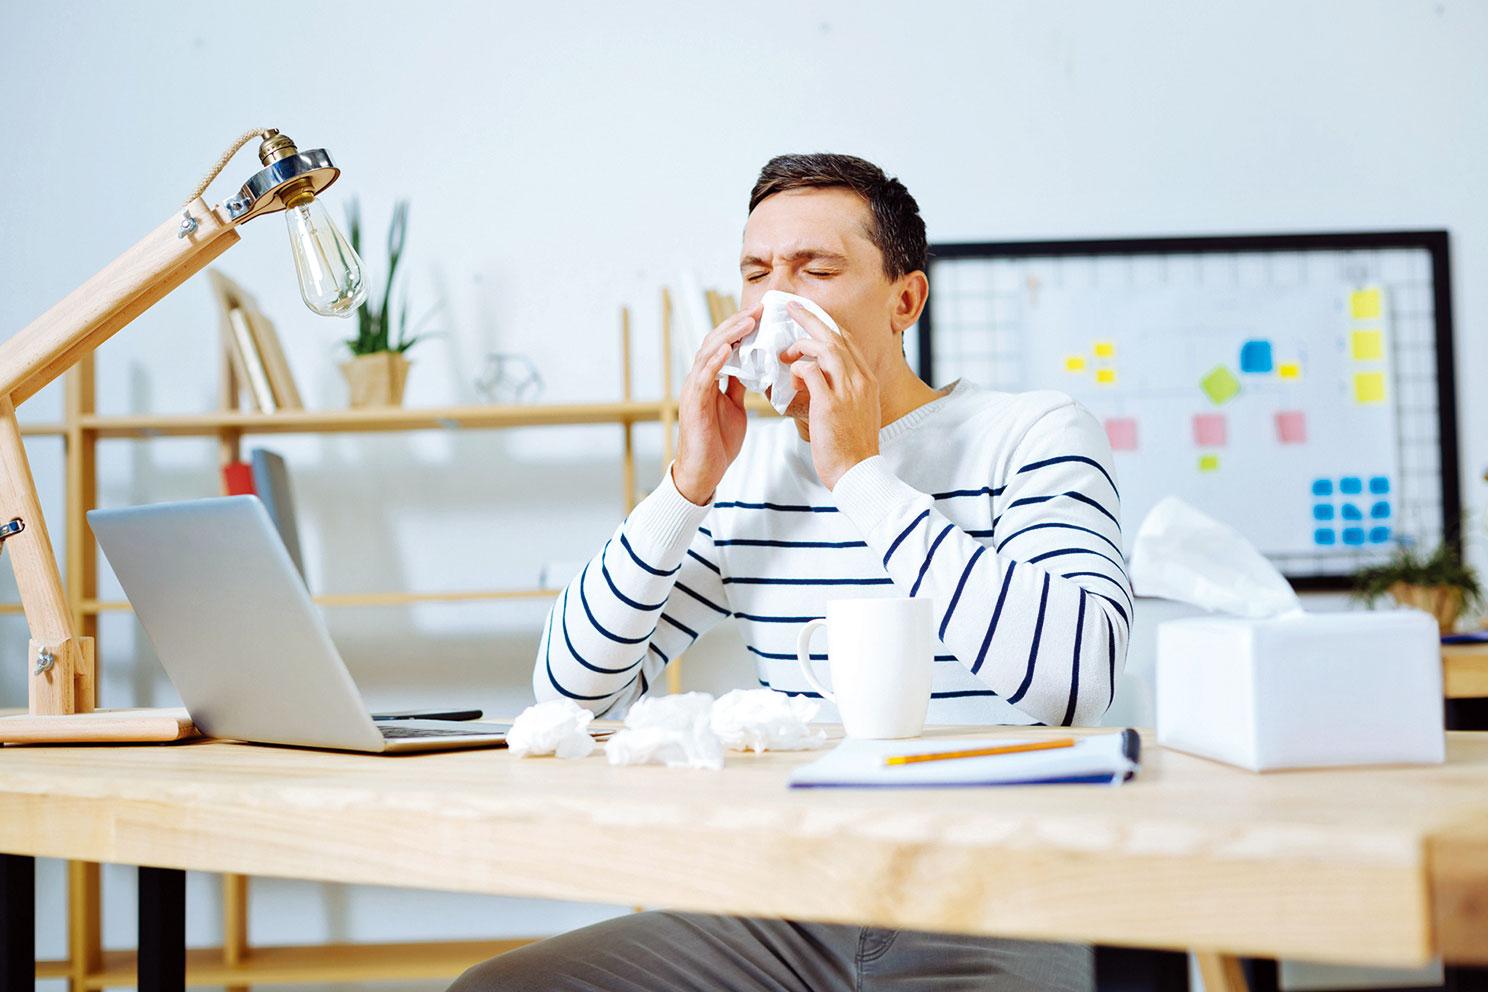 空氣品質不佳時,容易讓人鼻子過敏。(Fotolia)